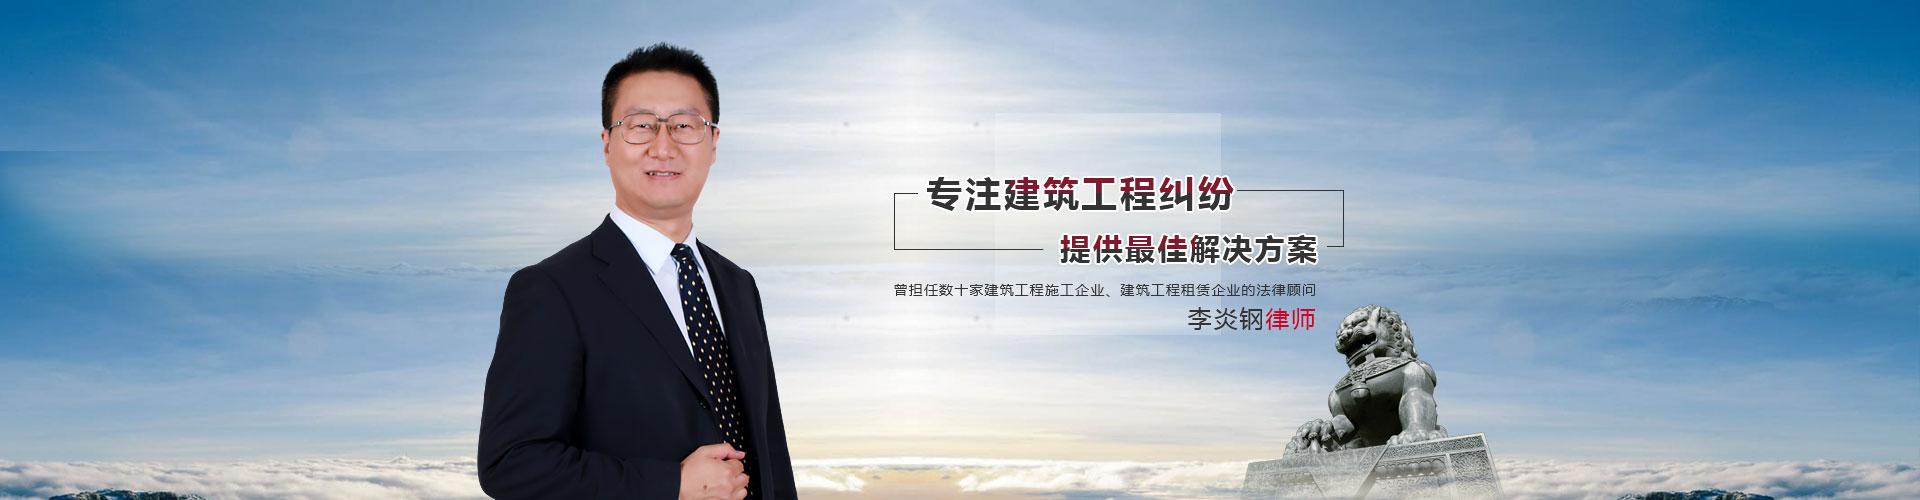 李炎钢律师